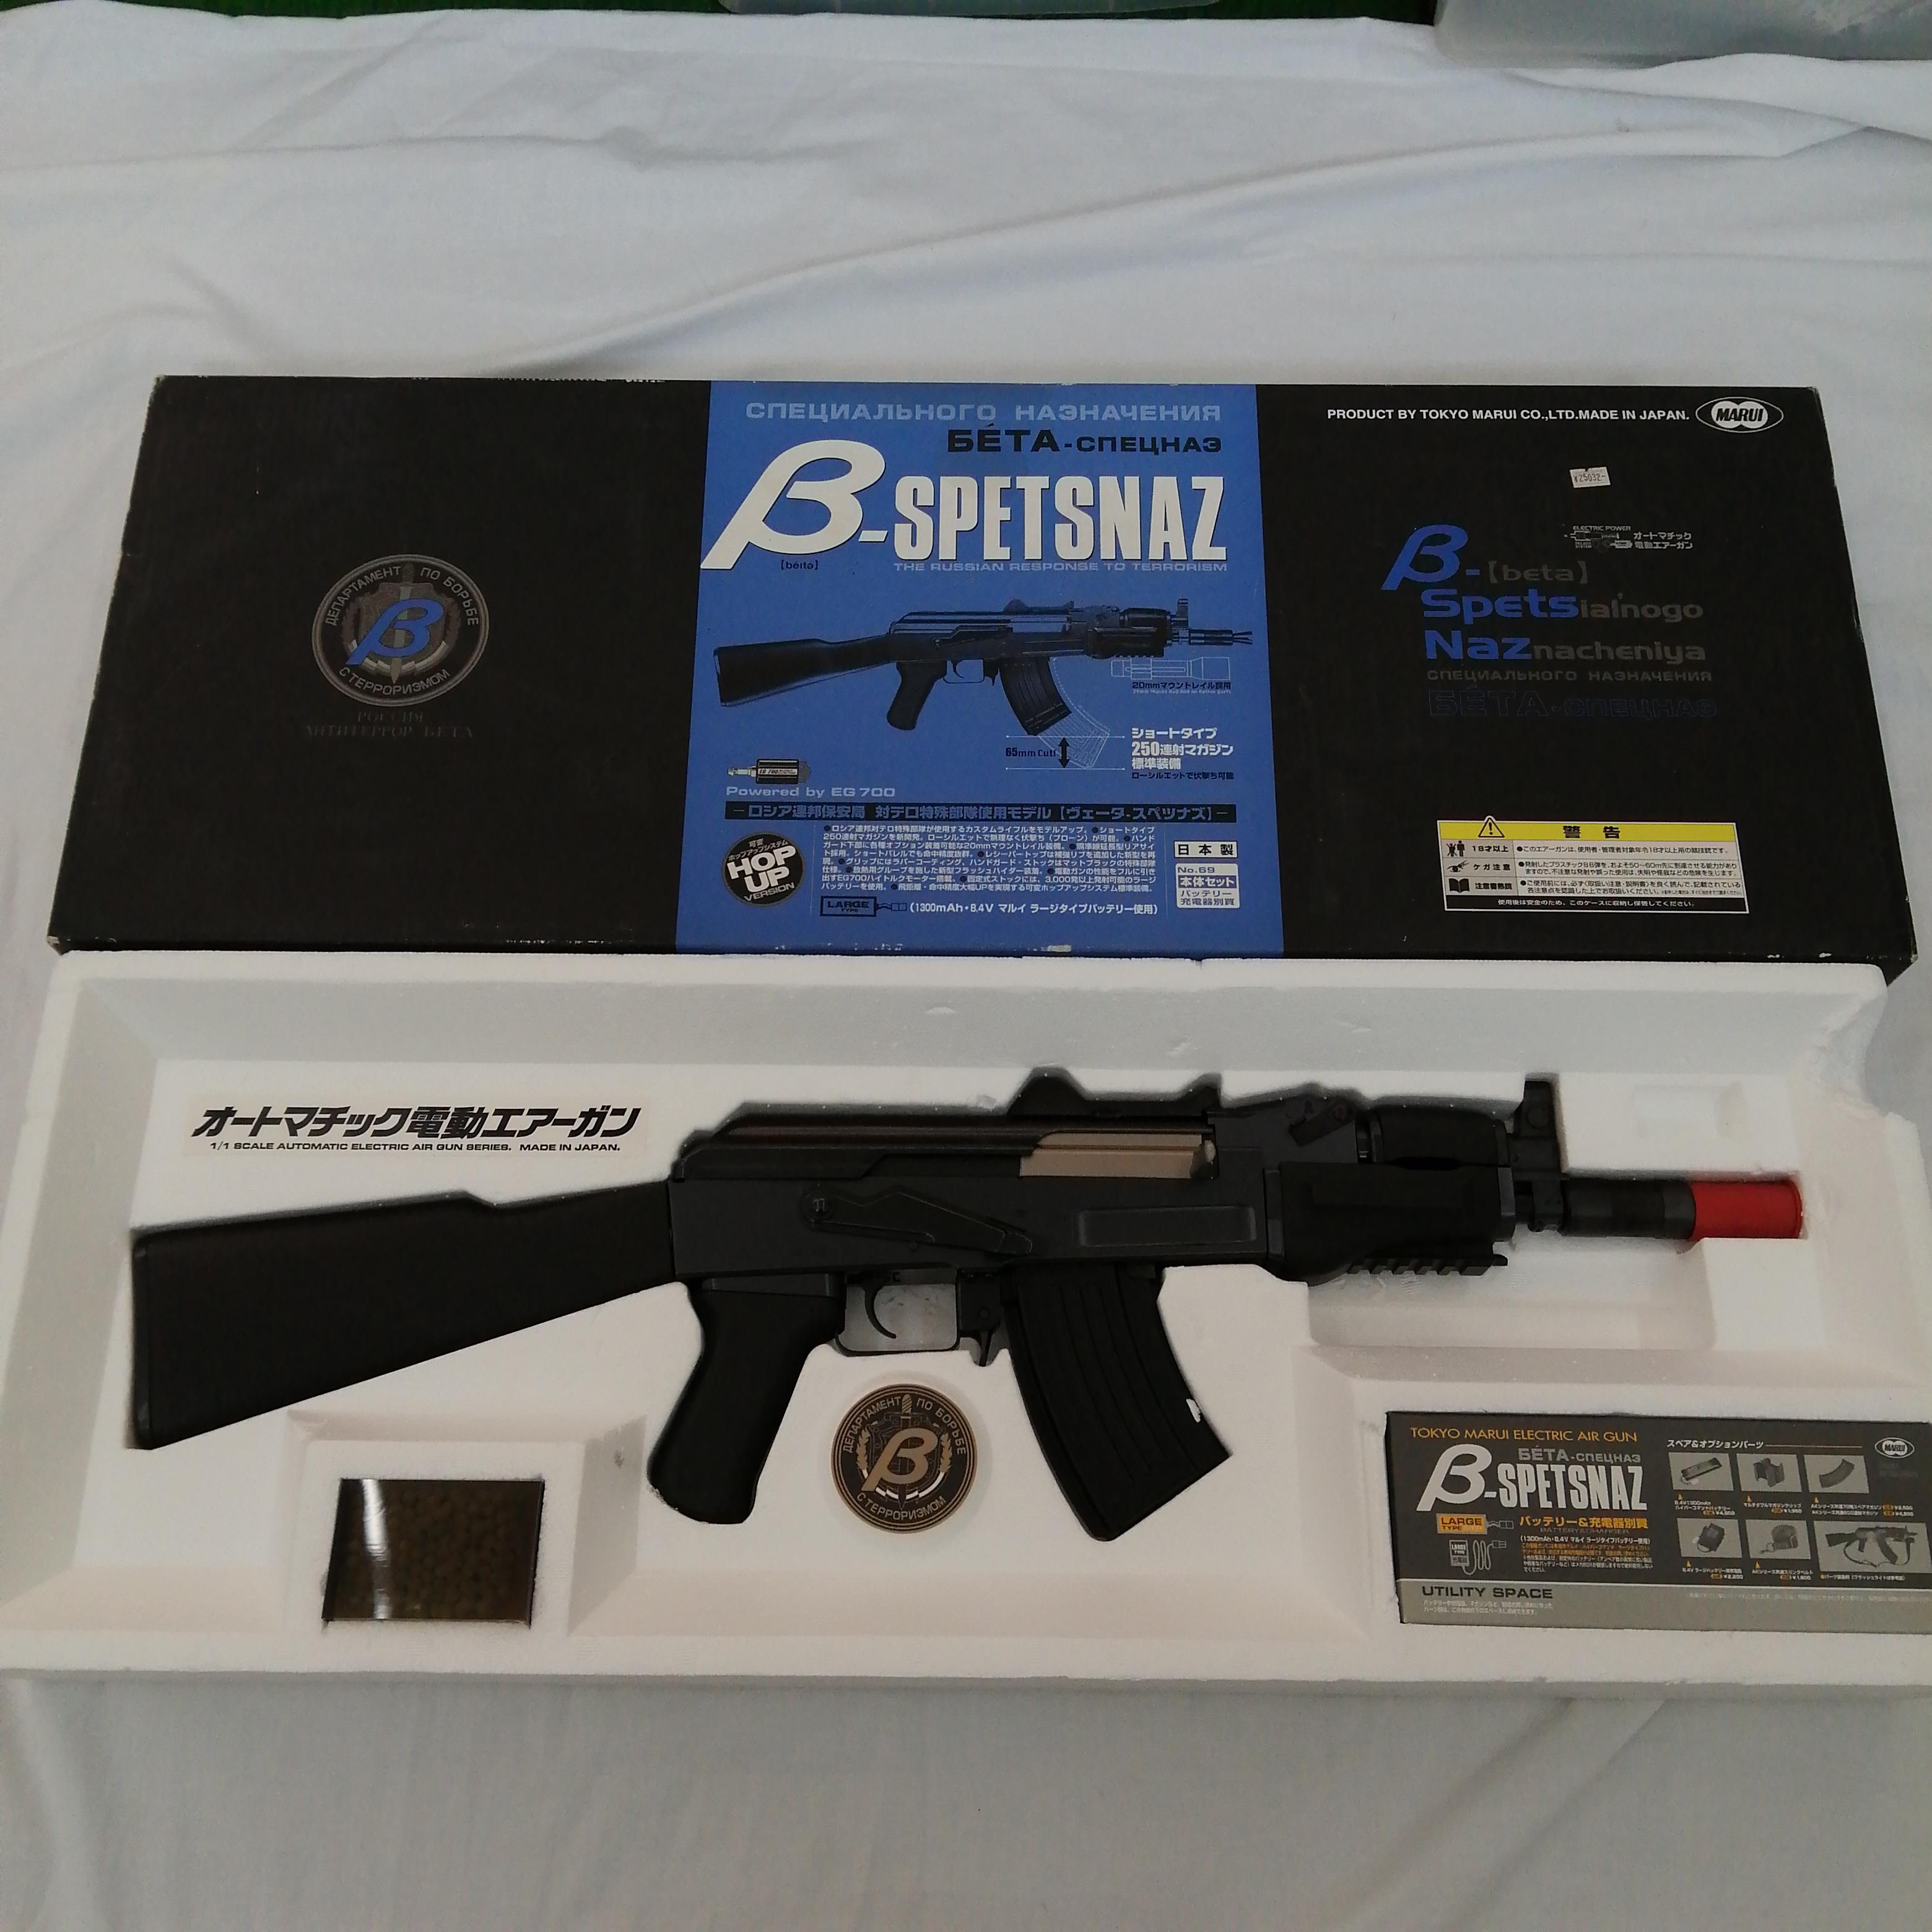 電動ガン AK47 β-SPETSNAZ|東京マルイ